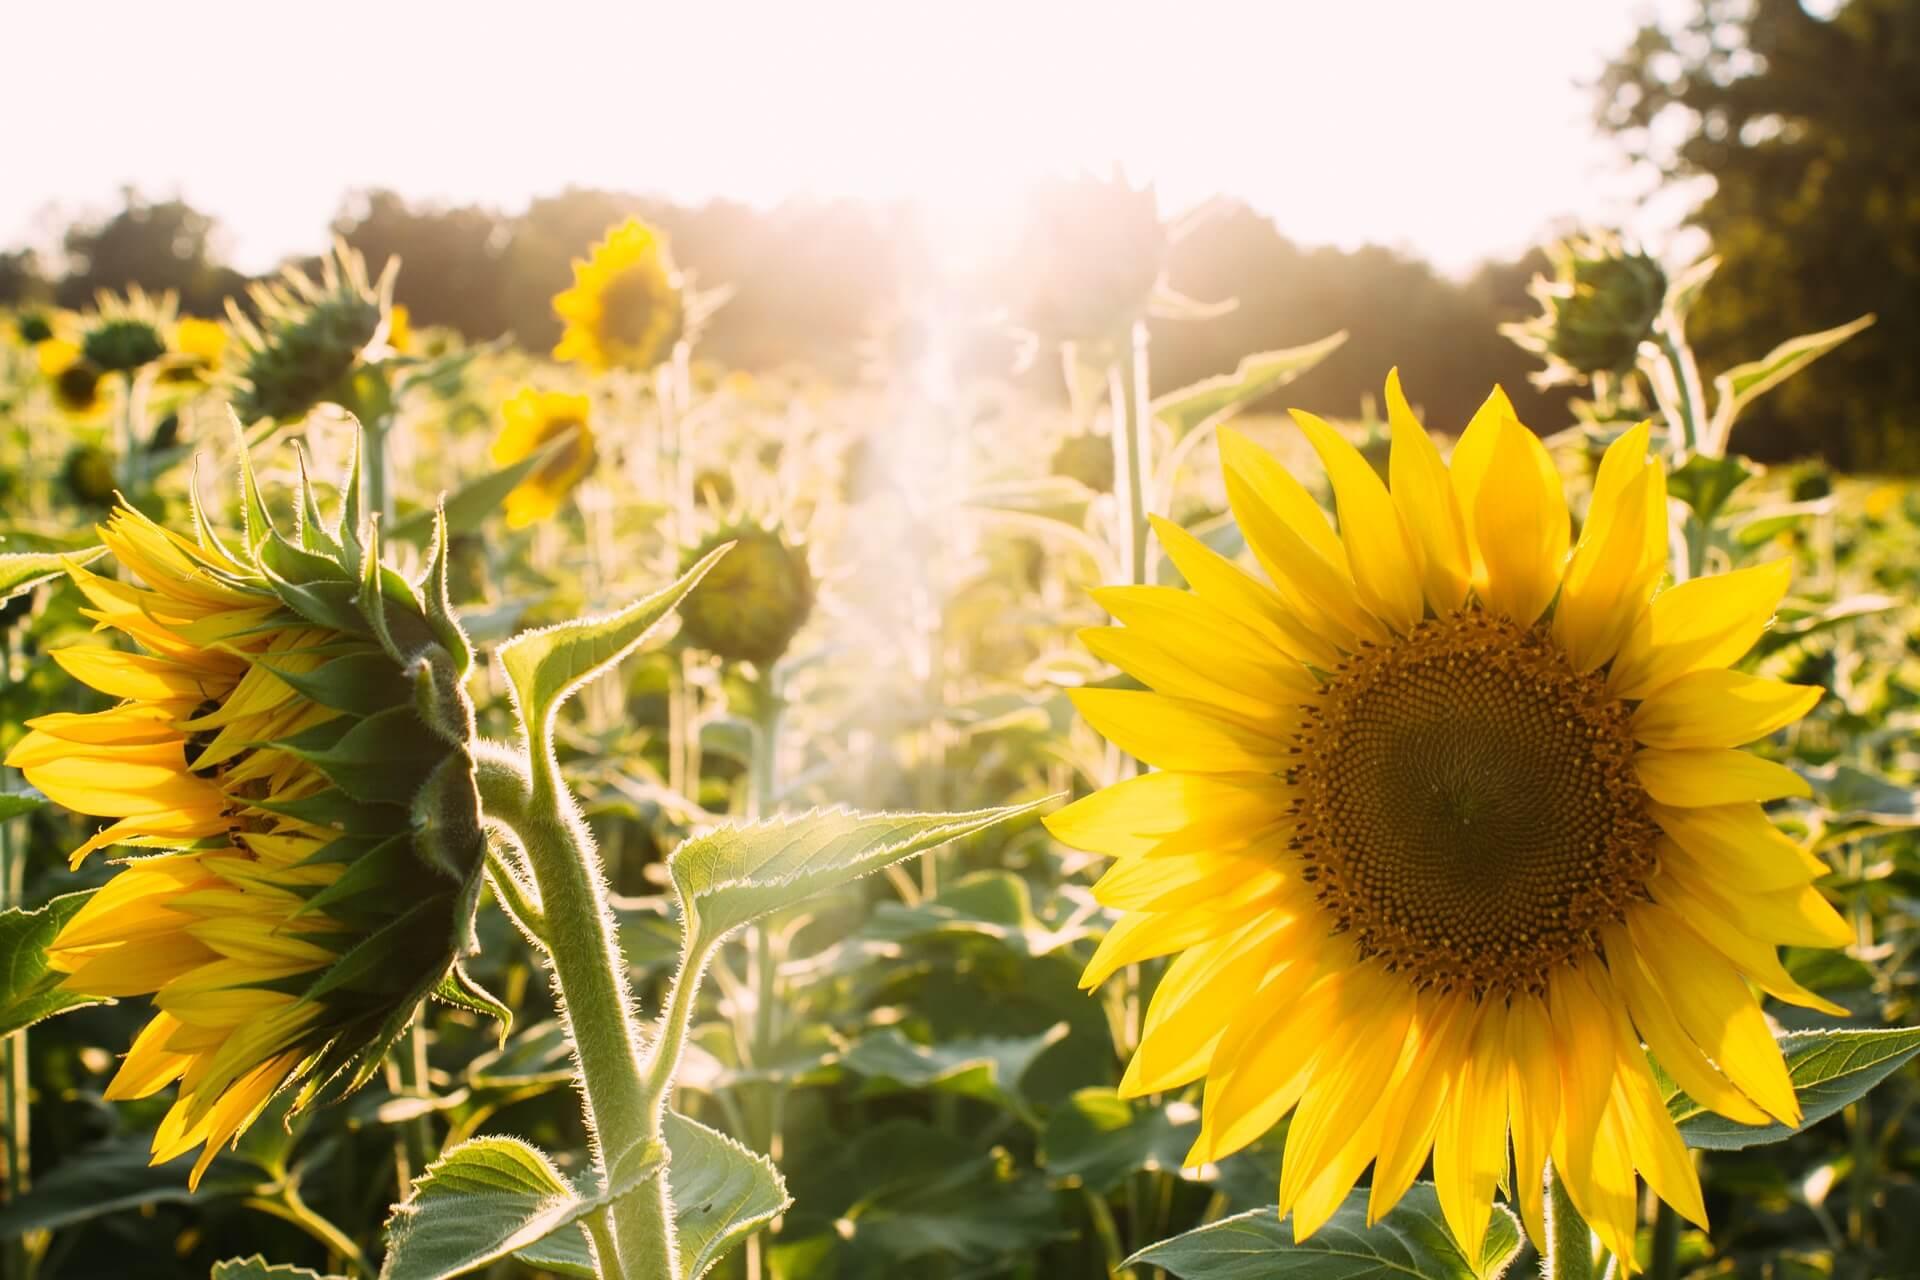 sonnenblumensamen zum pflanzen & säen kaufen | ab 0,89 €